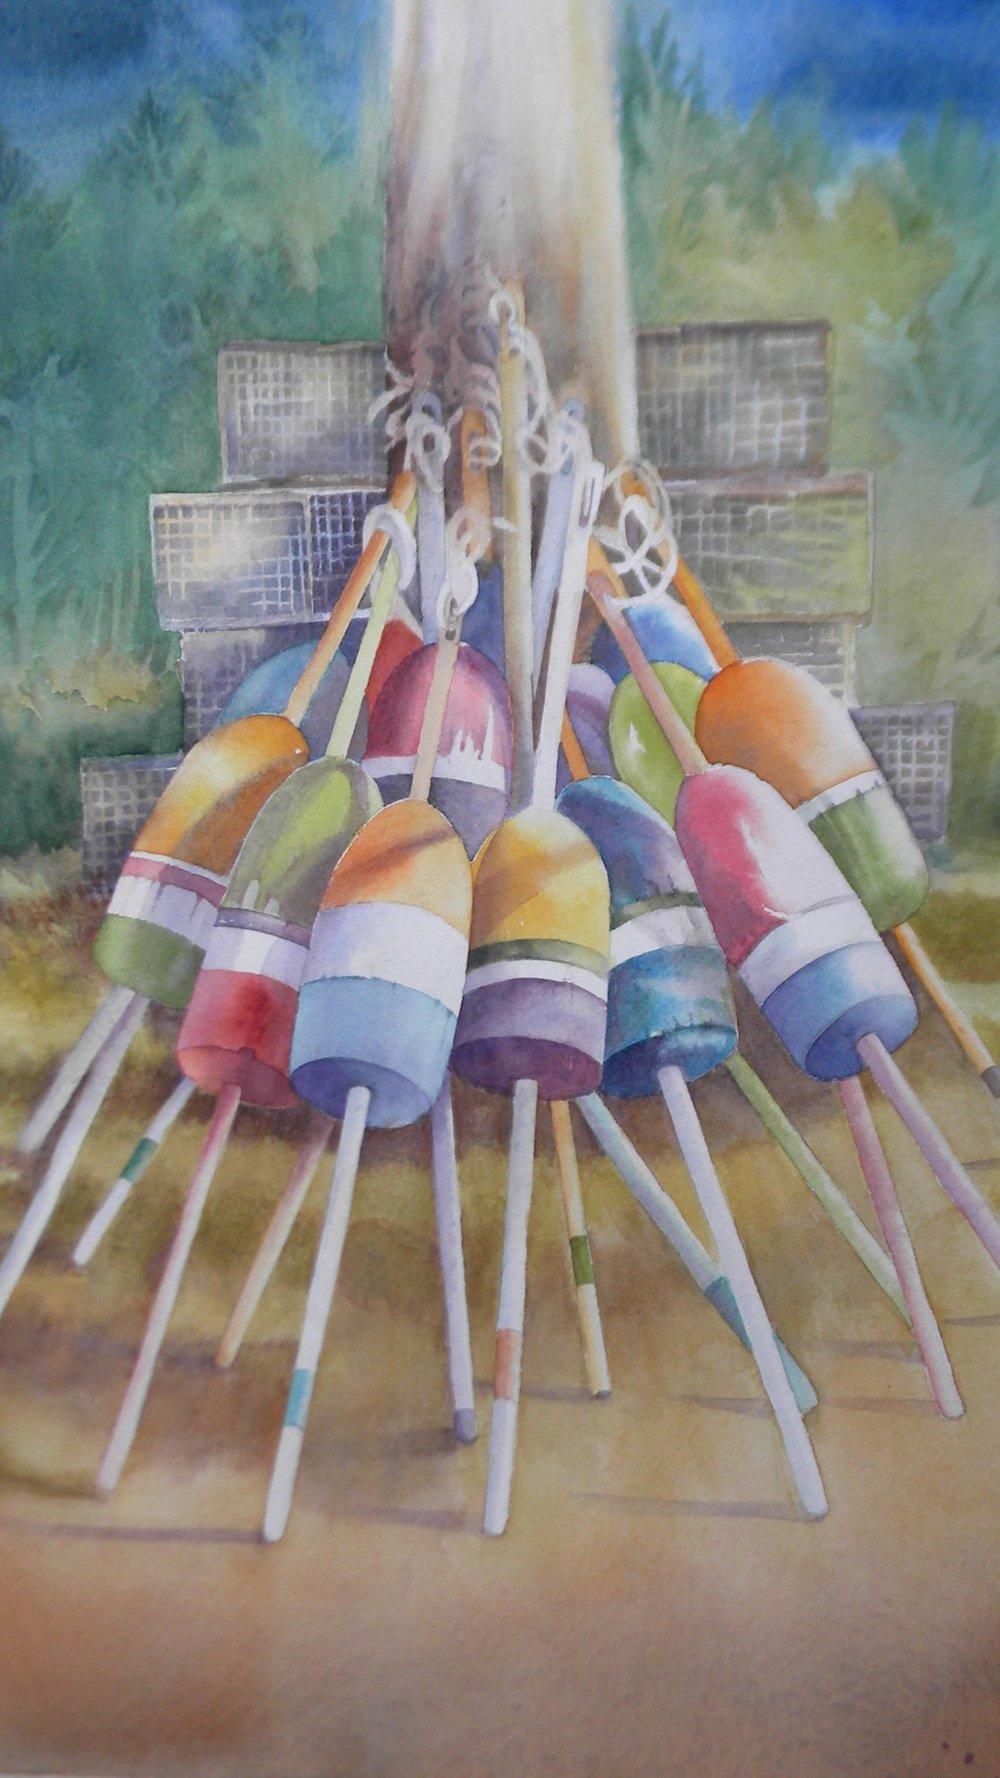 Buoys watercolor